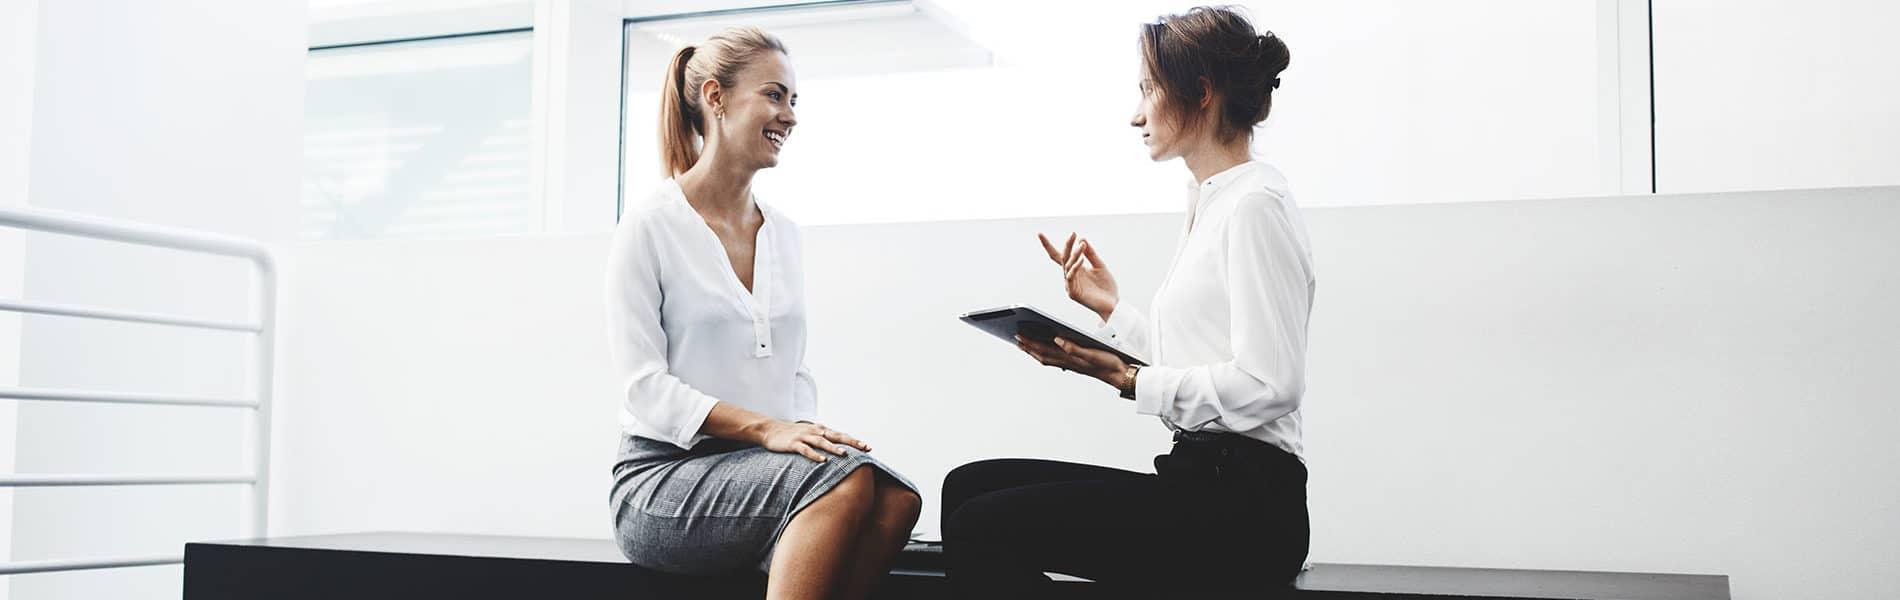 Kundcase affärssystem | Våra kunder effektiviserar